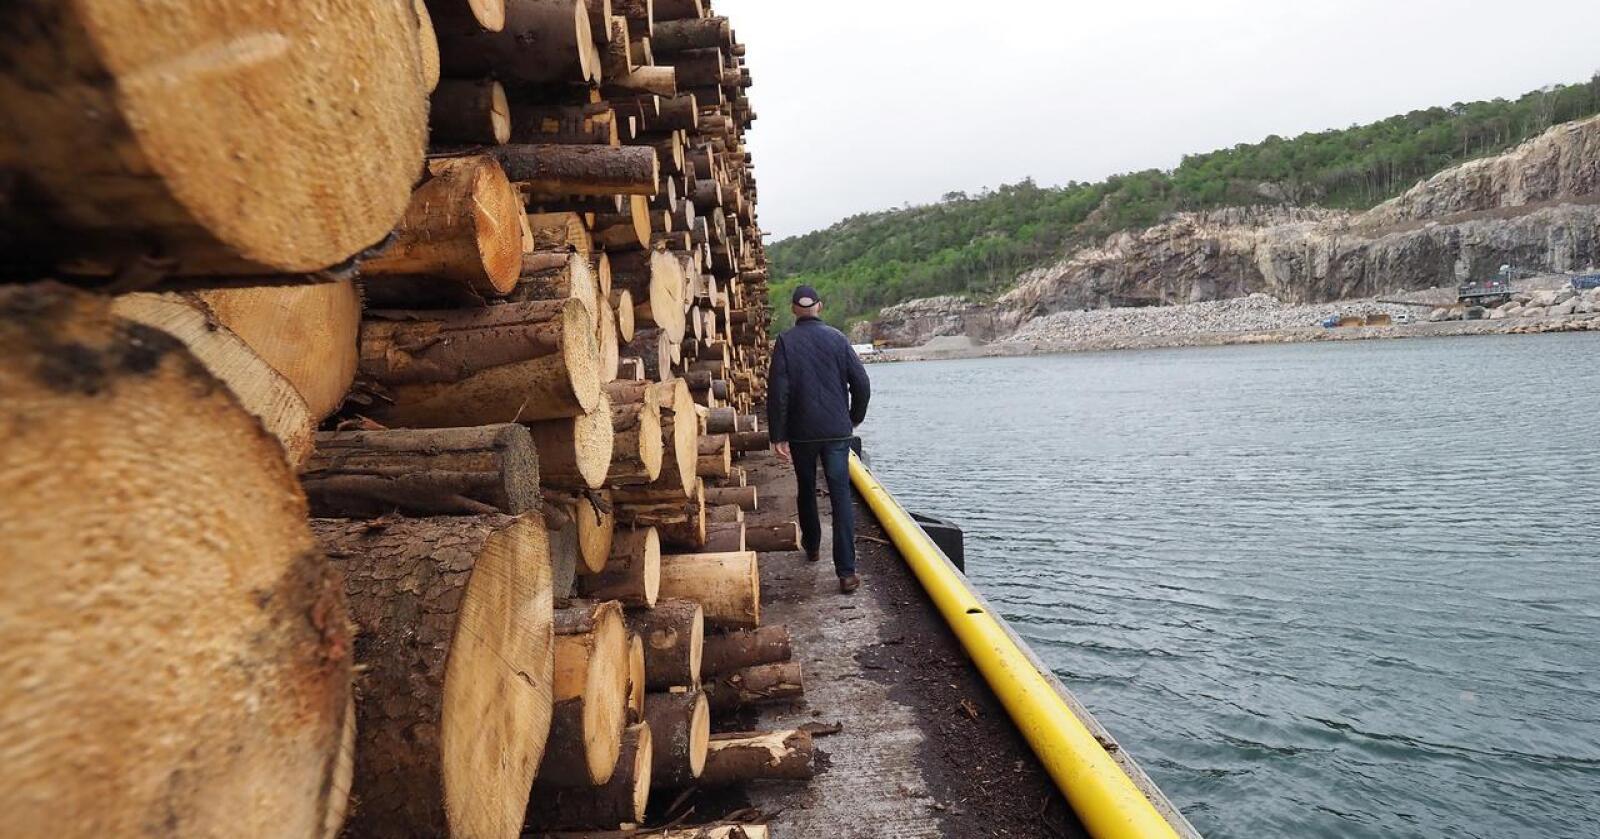 Nordvegen: Norge ble bygd på kjøl. Nå har sjøtransporten magre kår, mener innsenderne. Foto: Siri Juell Rasmussen